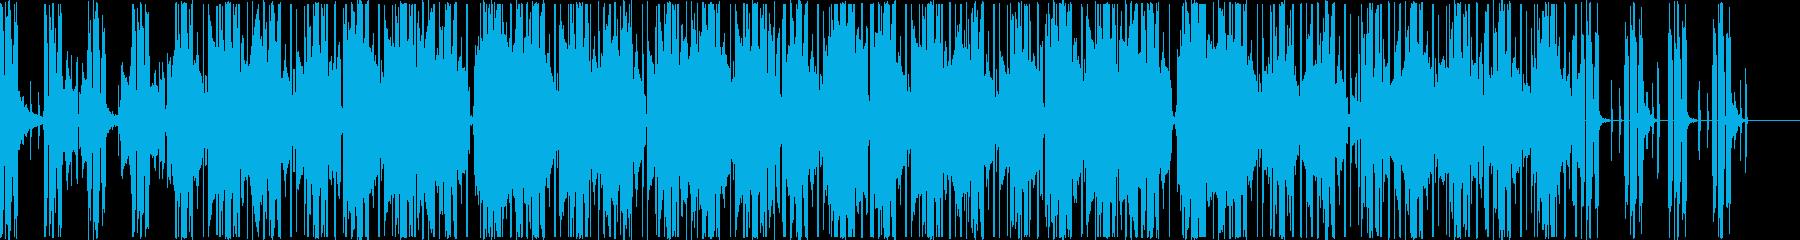 ブレイクだらけな気だるいヒップホップの再生済みの波形